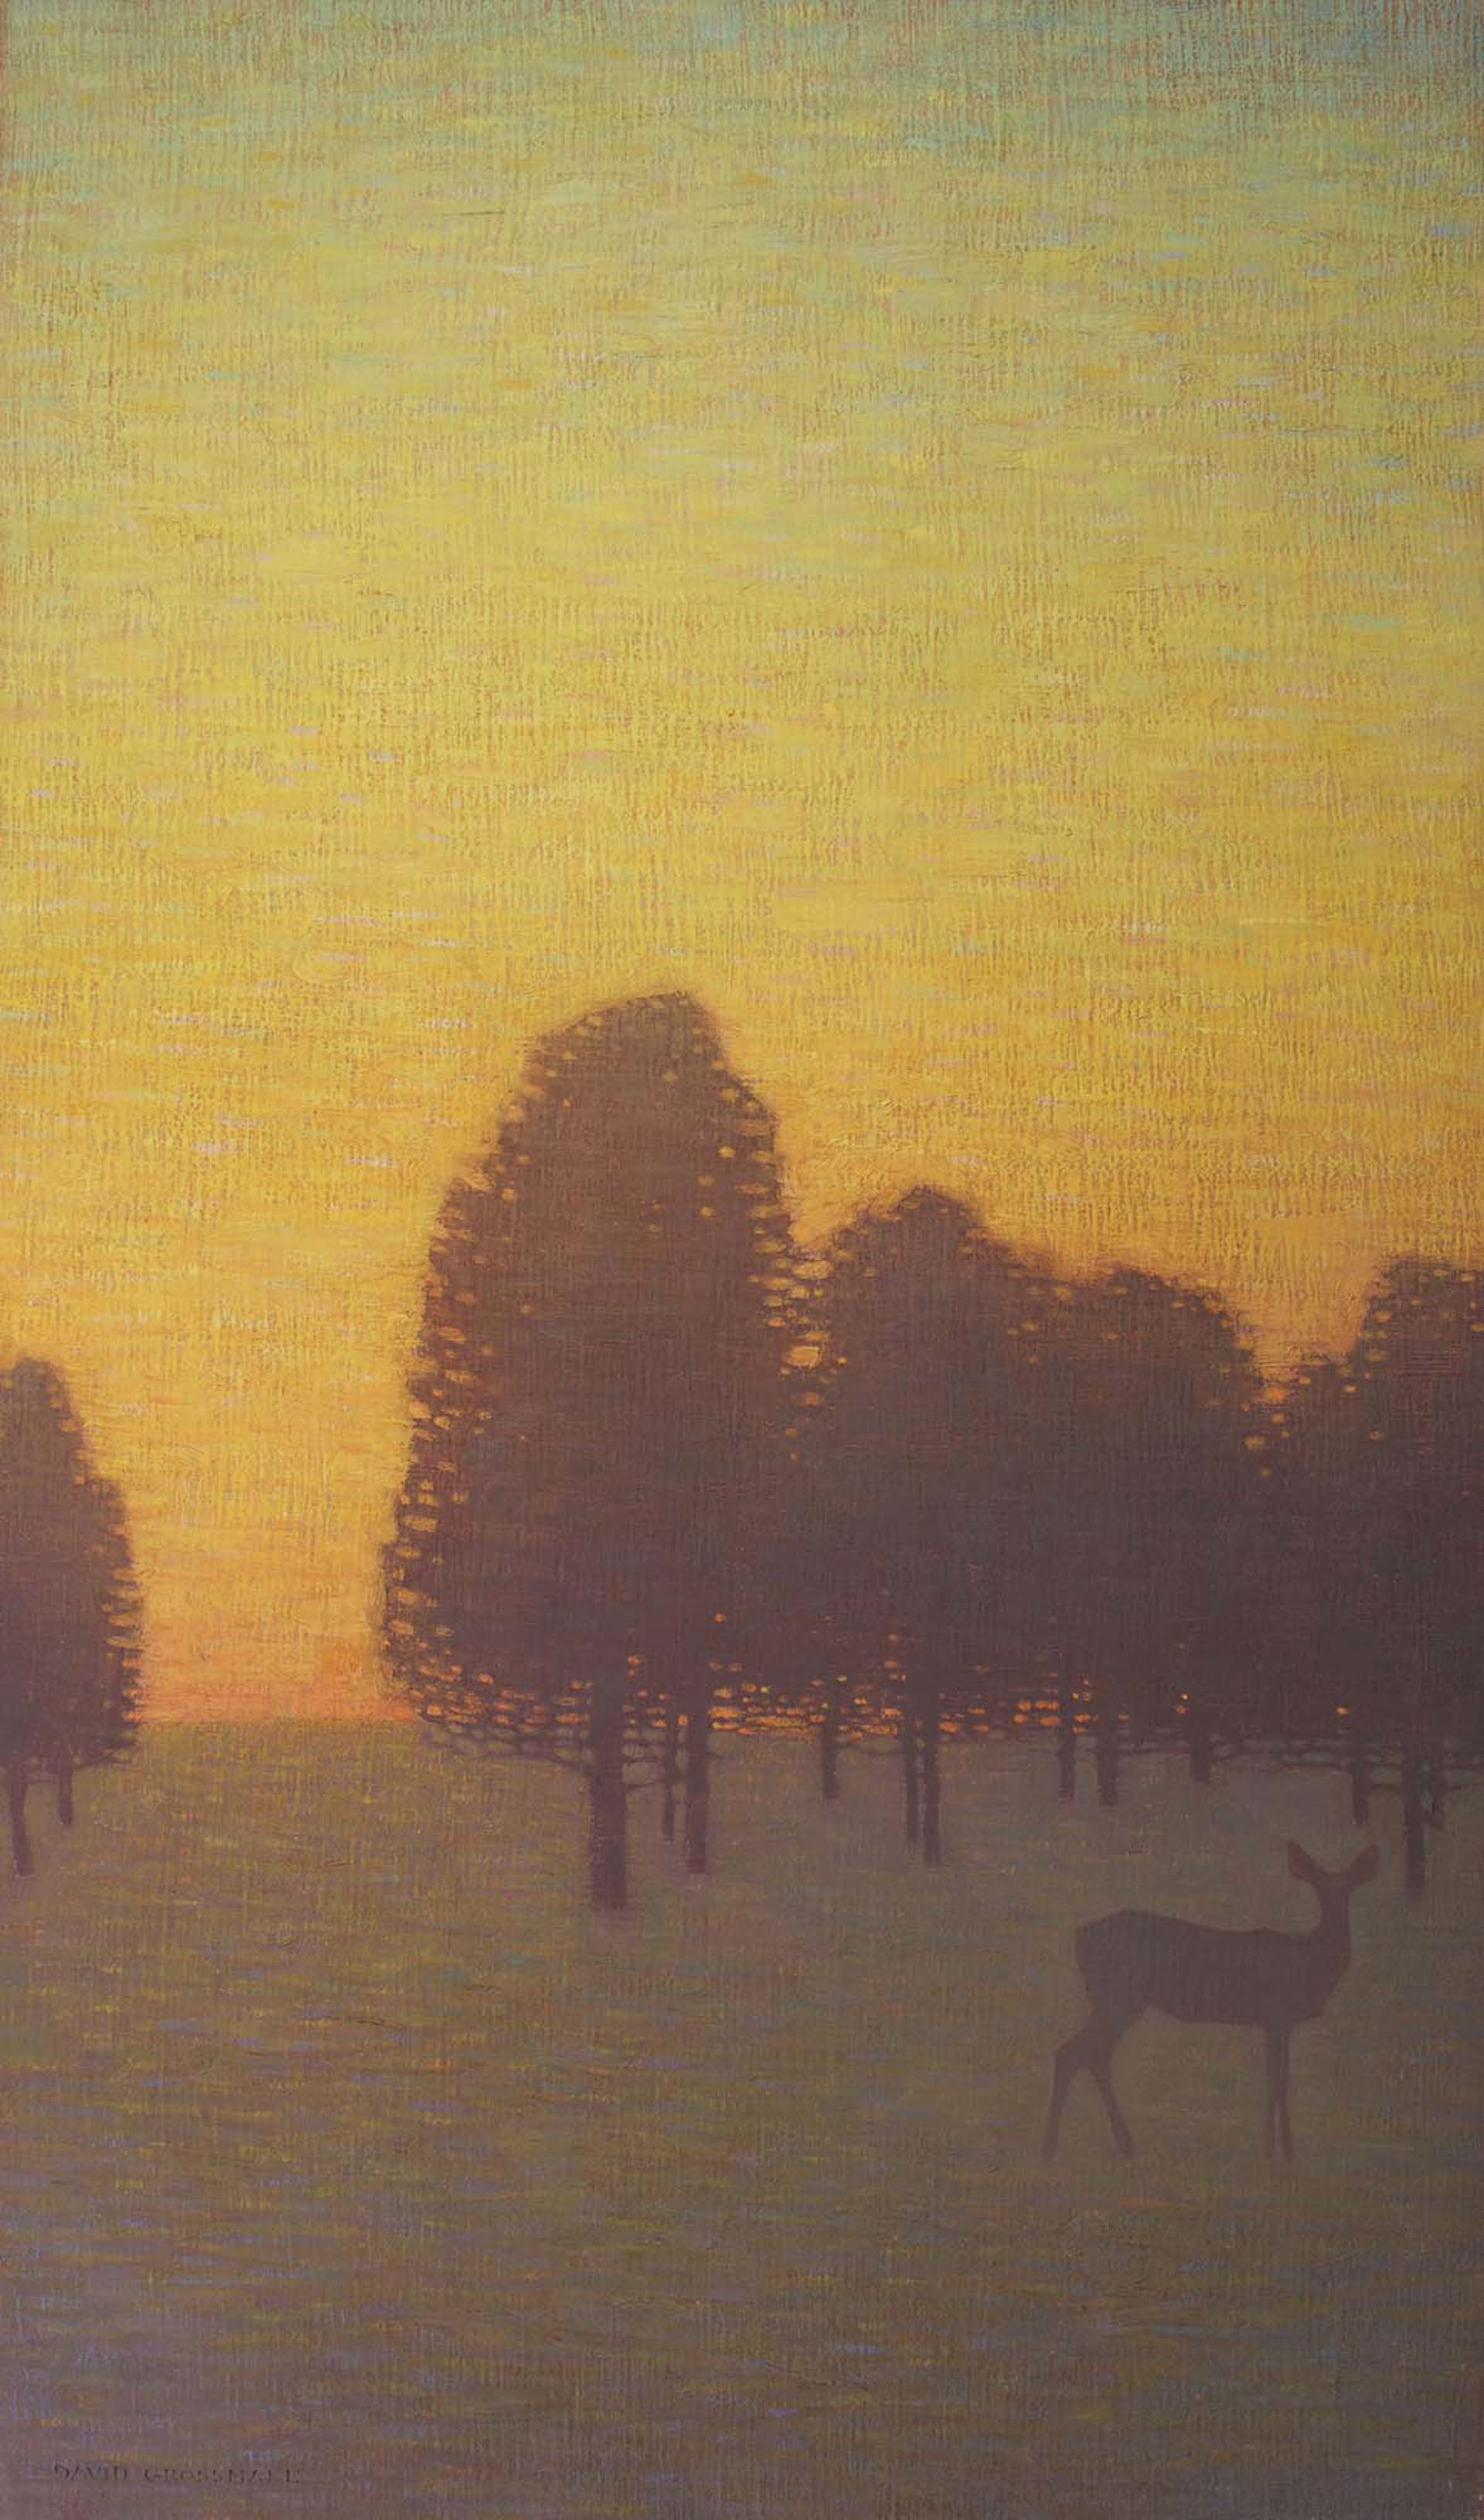 Evening Onlooker by David Grossmann